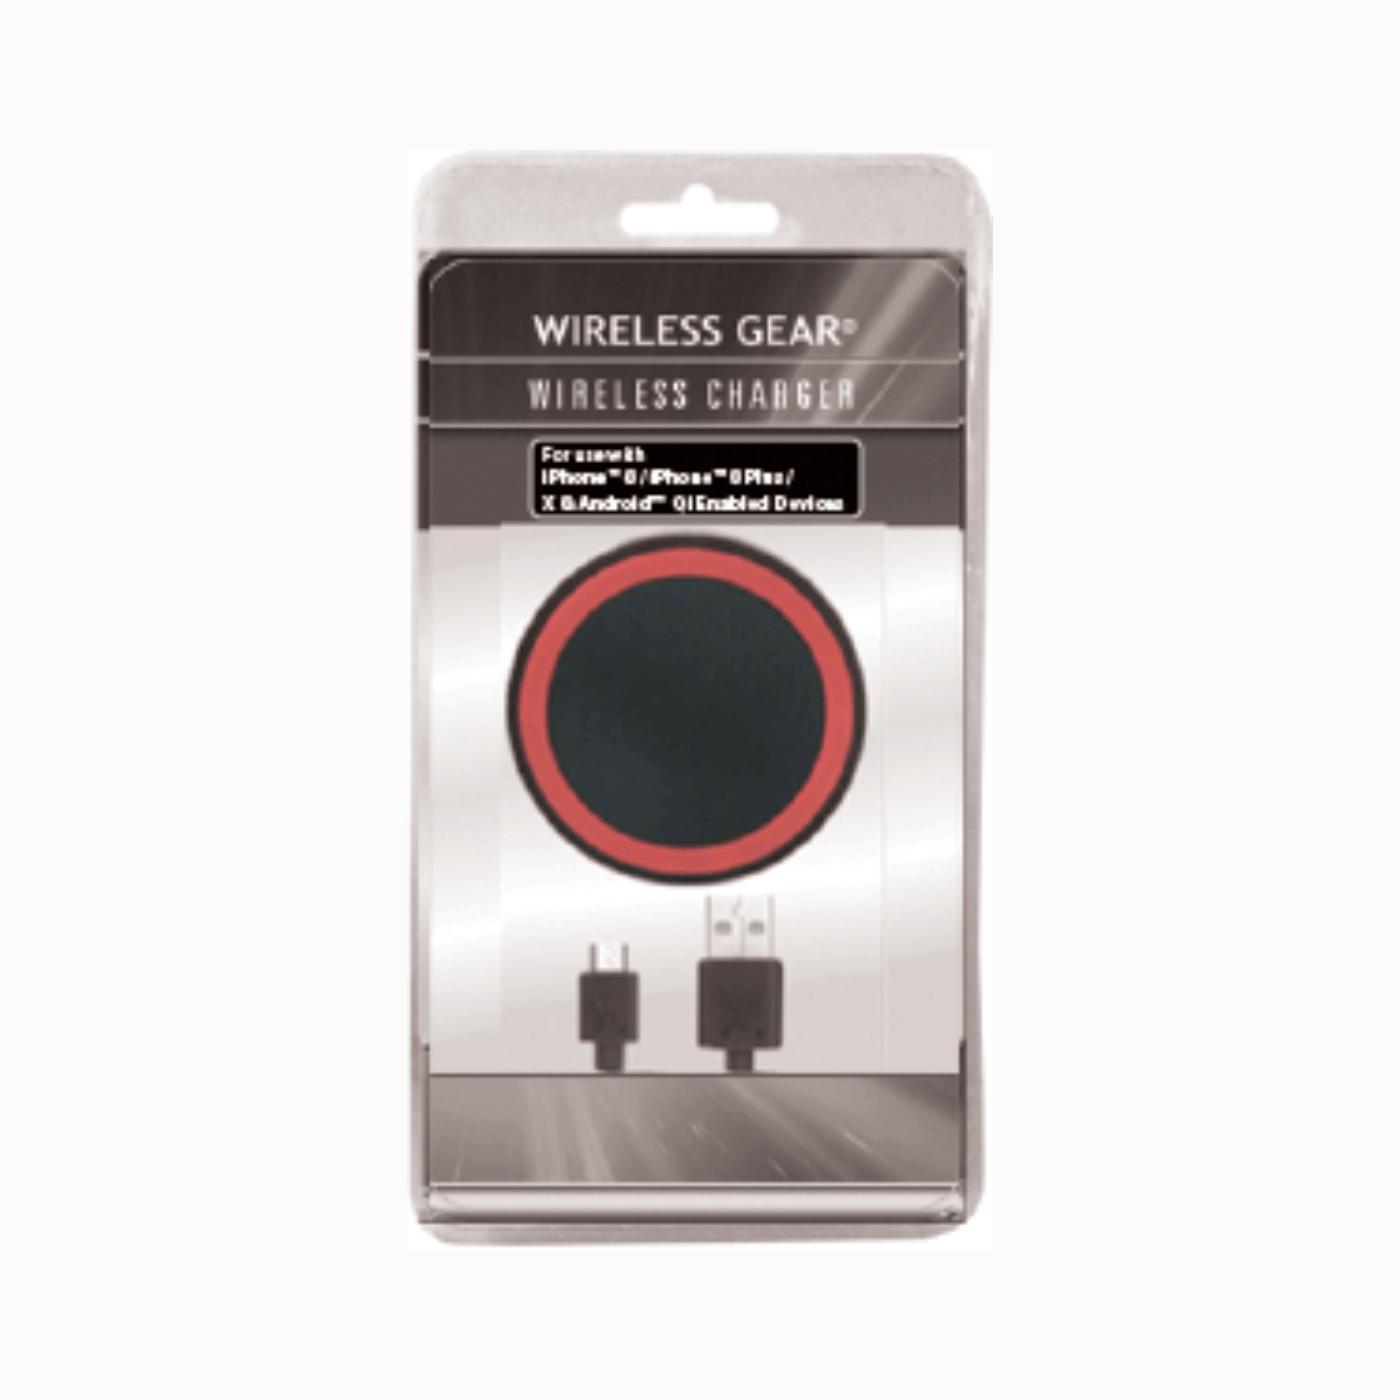 Wireless Gear - wireless  desktop charger